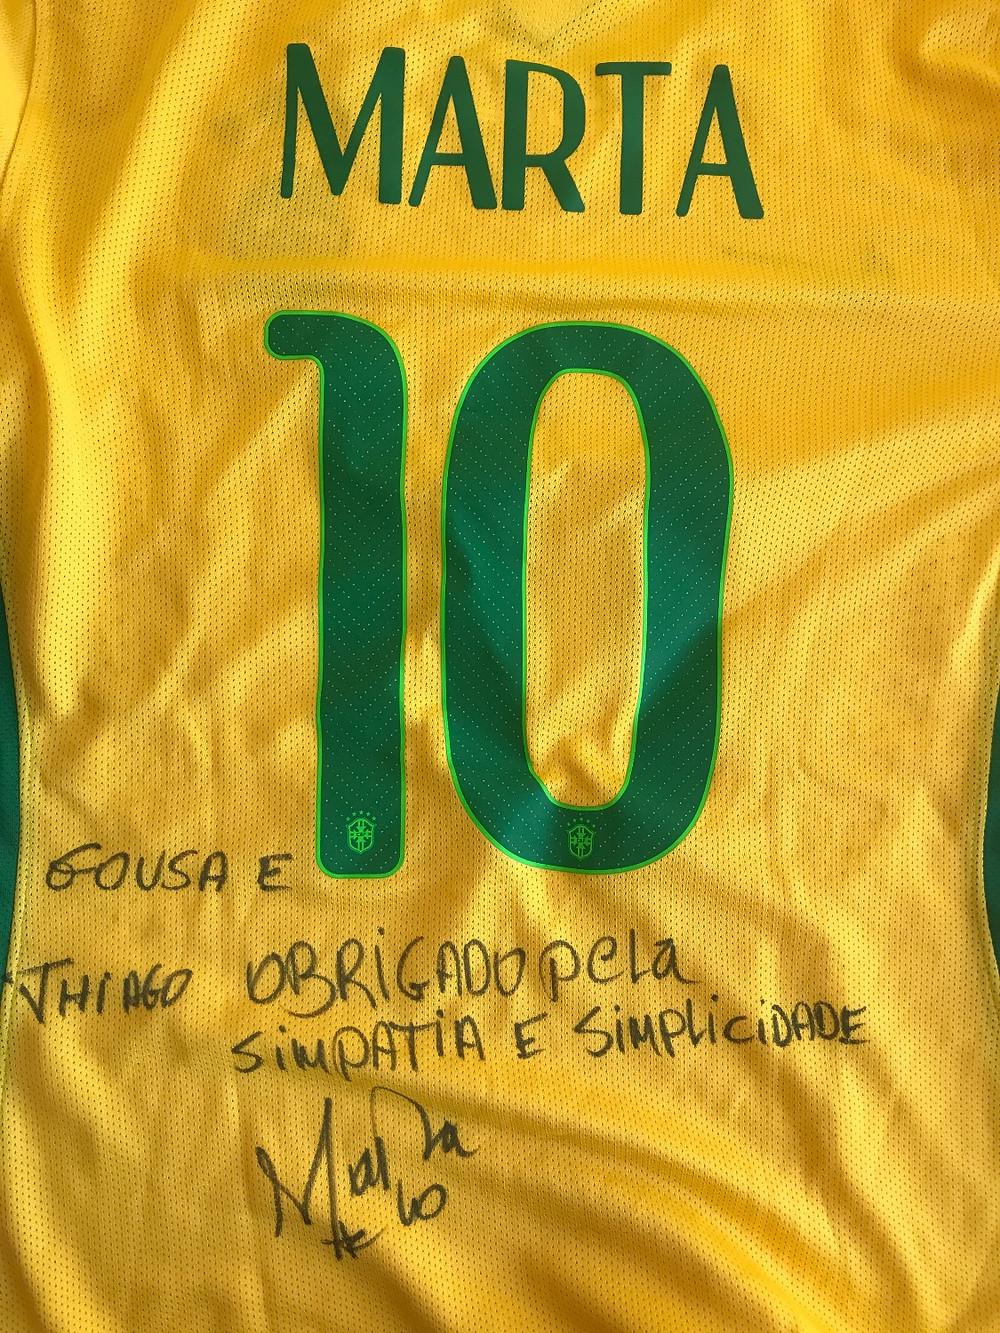 Camisa presenteada pela Marta à empresa GO USA durante as Disney Cup 2017